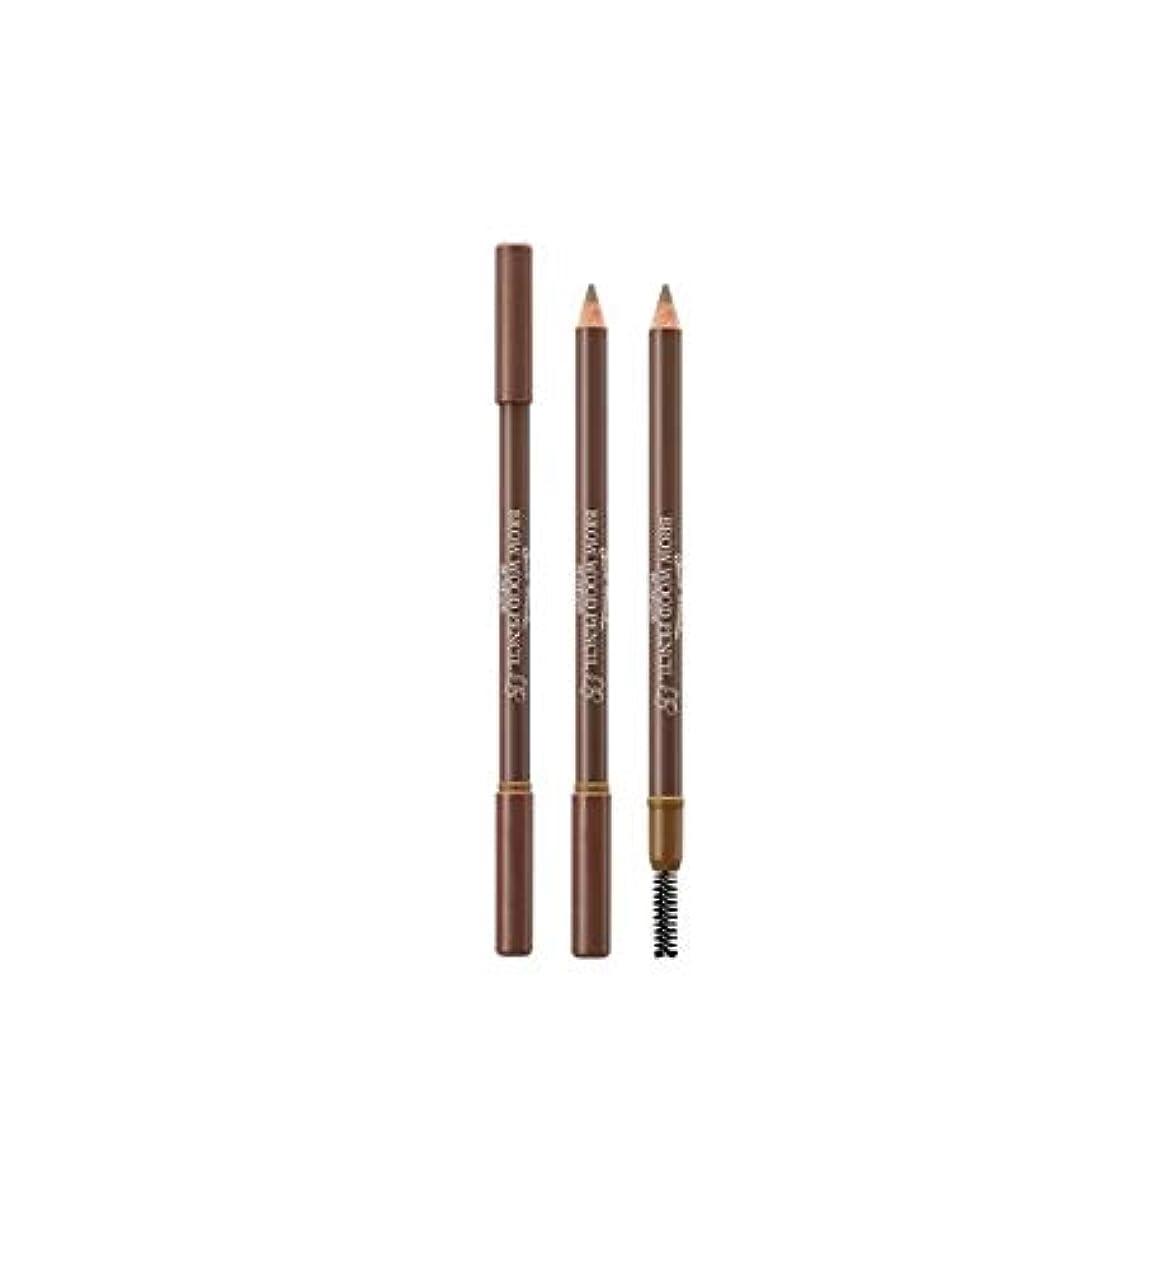 爆発物改善する統合するSkinfood チョコパウダーブロウウッドペンシル#No.3ブラウン / choco powder brow wood pencil #No.3 Brown 0.2g [並行輸入品]